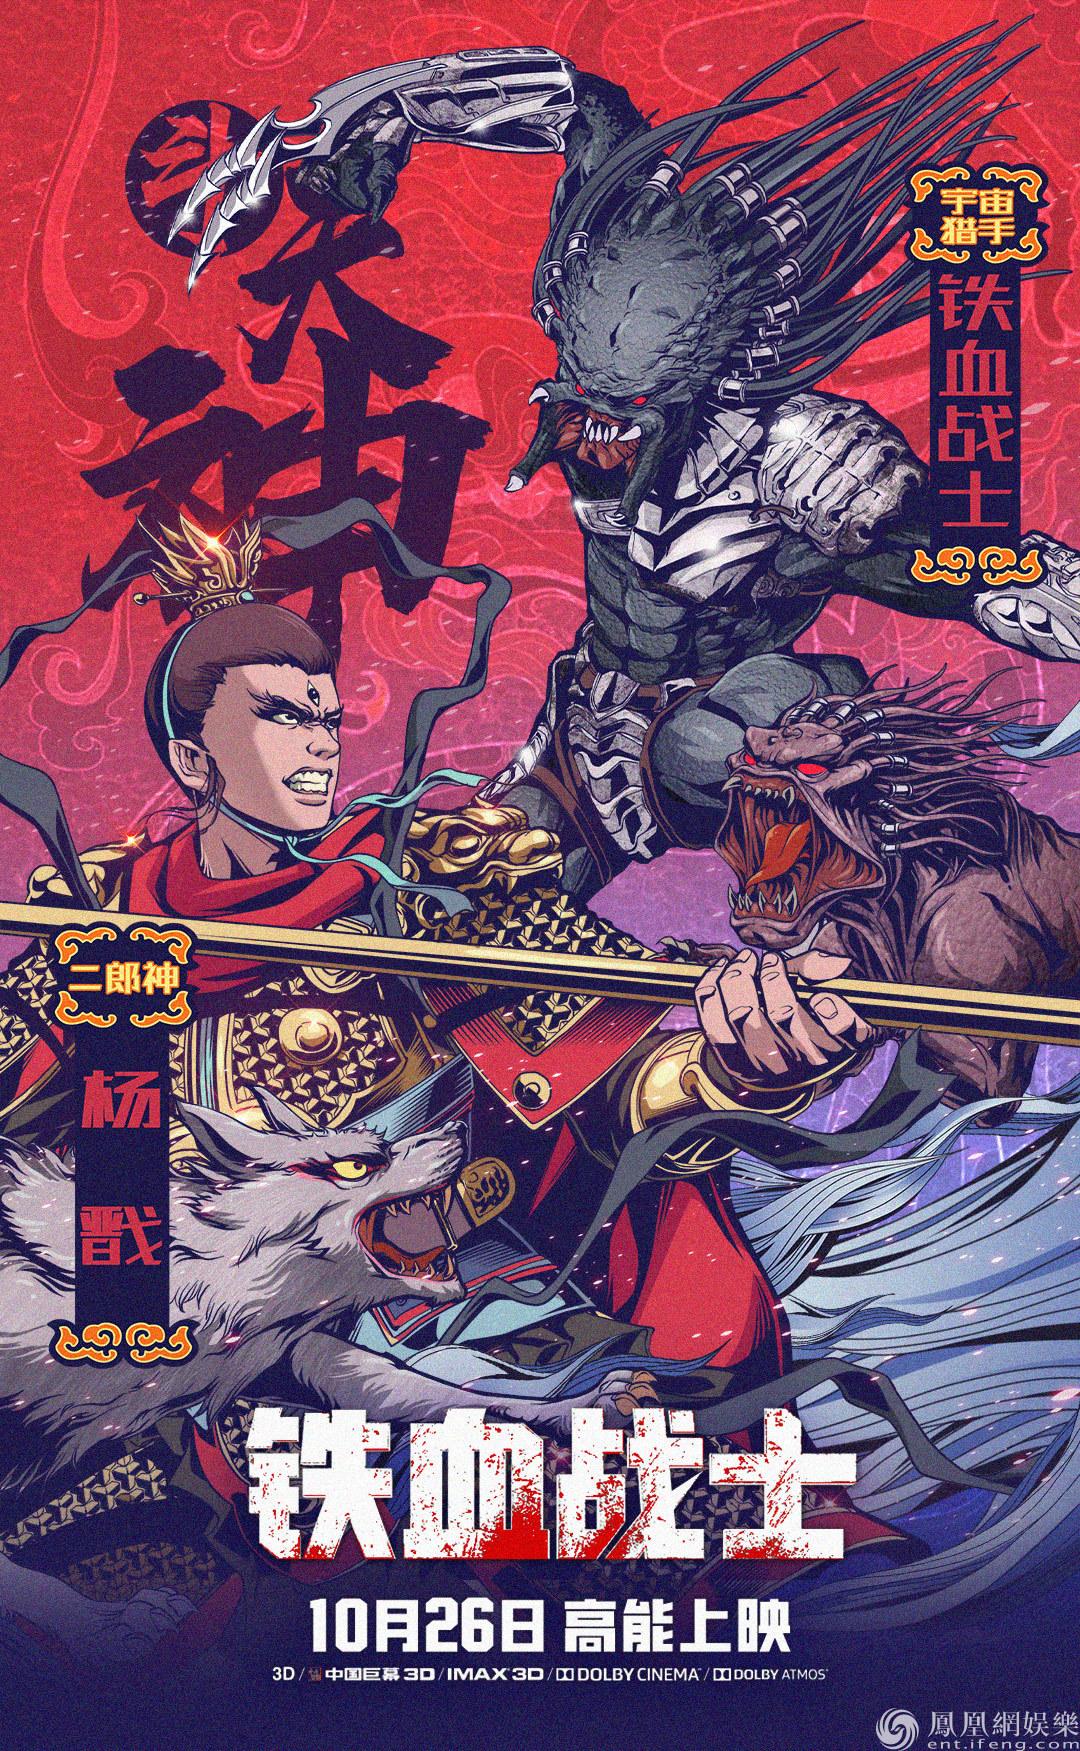 《铁血战士》曝新海报 战况直线升级这次玩的有点大